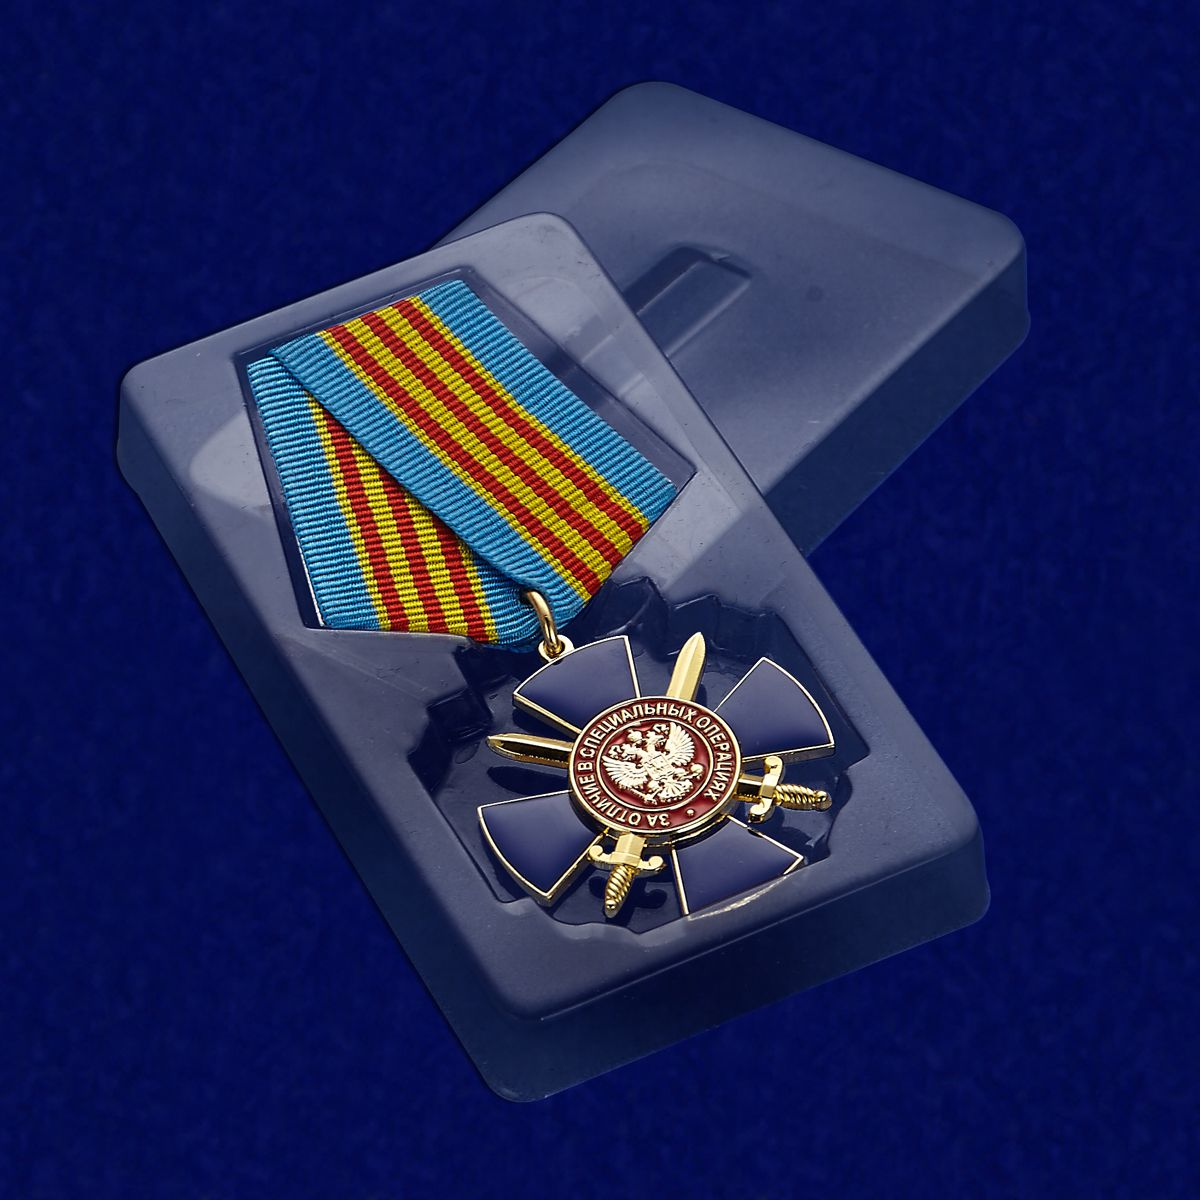 Продажа медалей Федеральной Службы Безопасности РФ